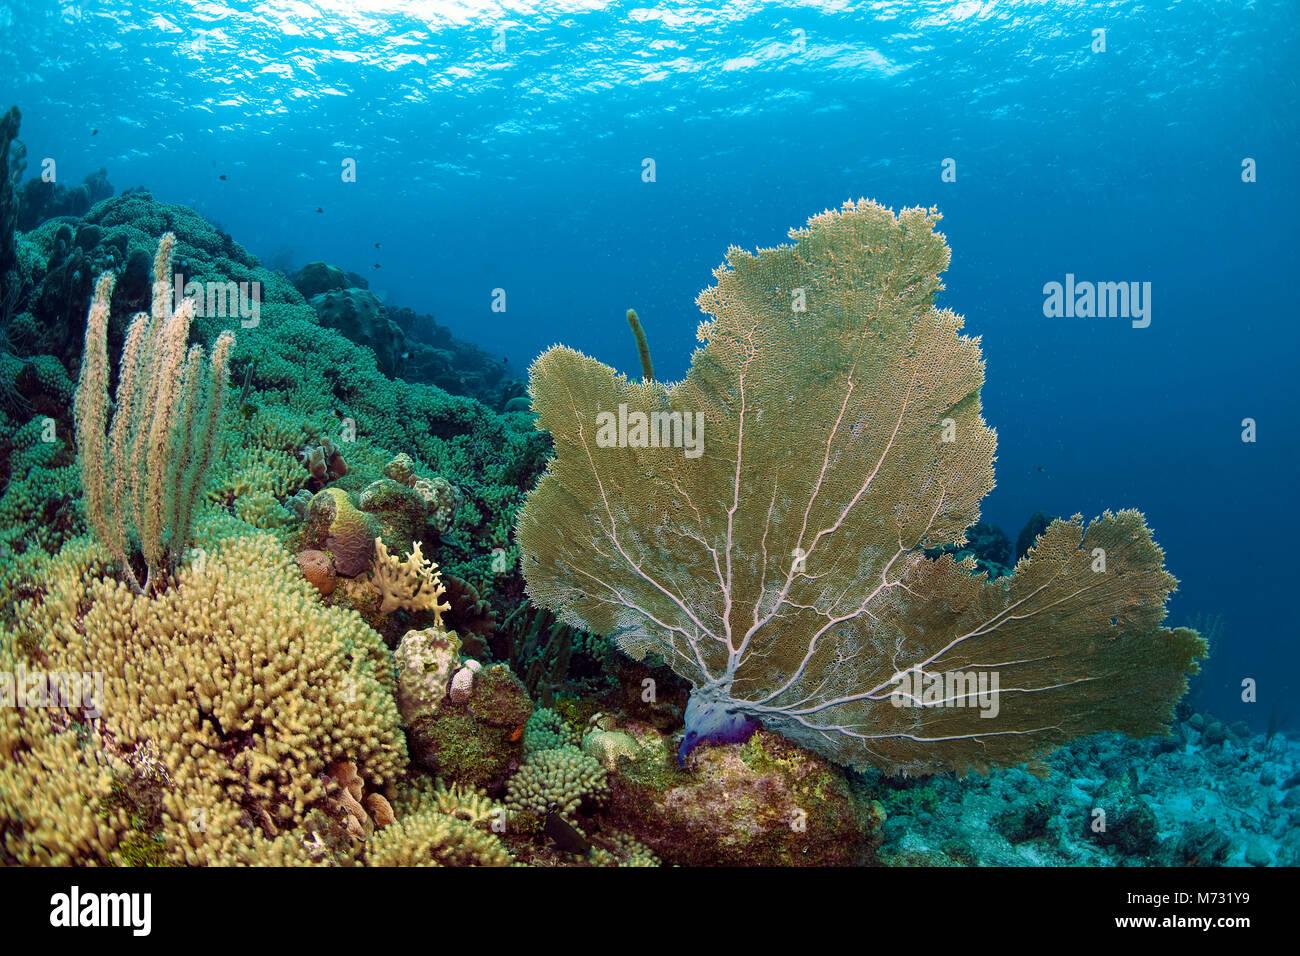 Les récifs coralliens des Caraïbes en bonne santé avec un géant seafan (Gorgonia ventalina), Curaçao, Antilles néerlandaises, Caraïbes, mer des Caraïbes Banque D'Images